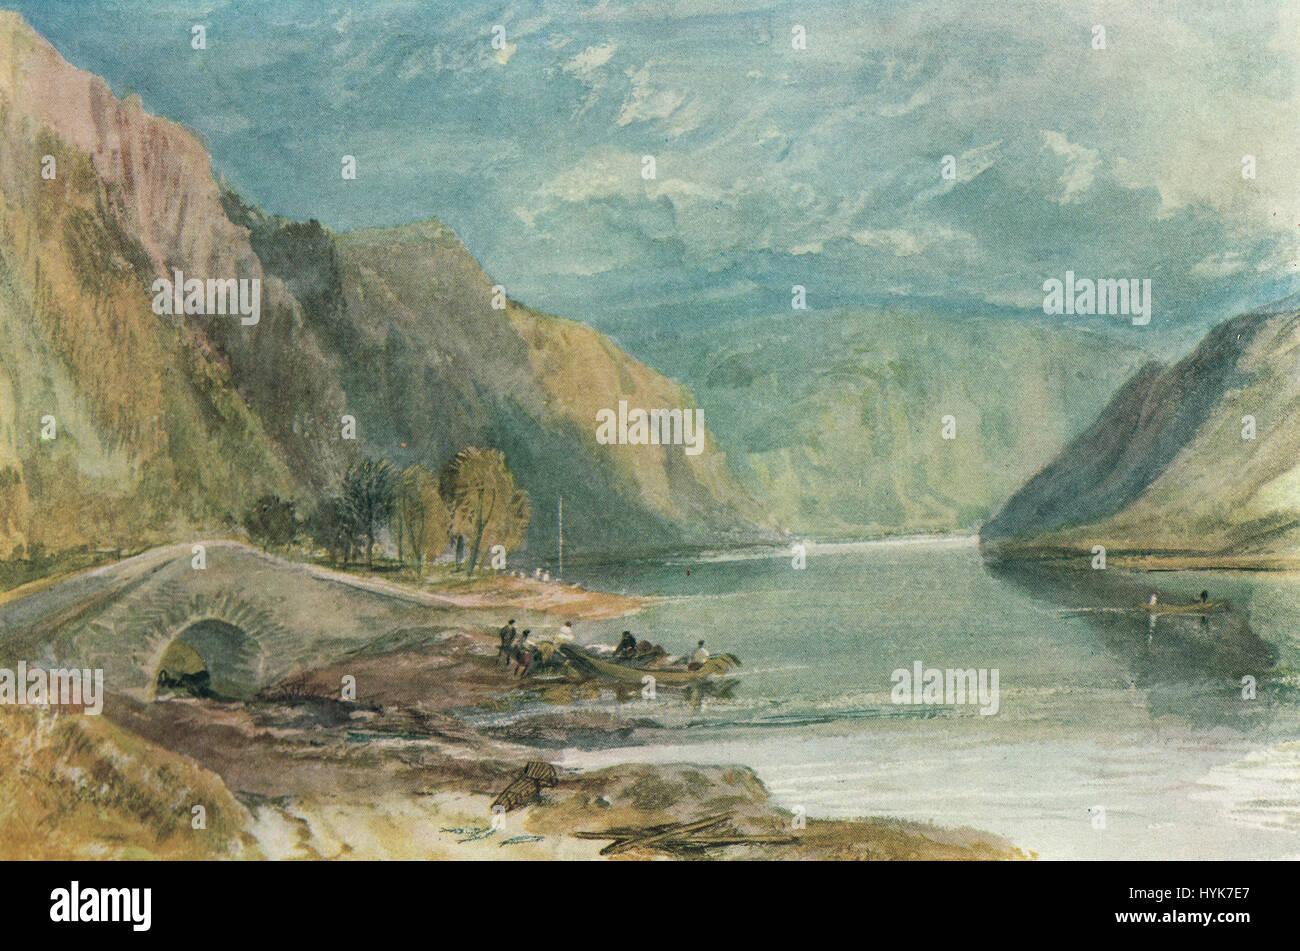 Hirzenach,The Rhine, Germany by J M W Turner 1817 - Stock Image